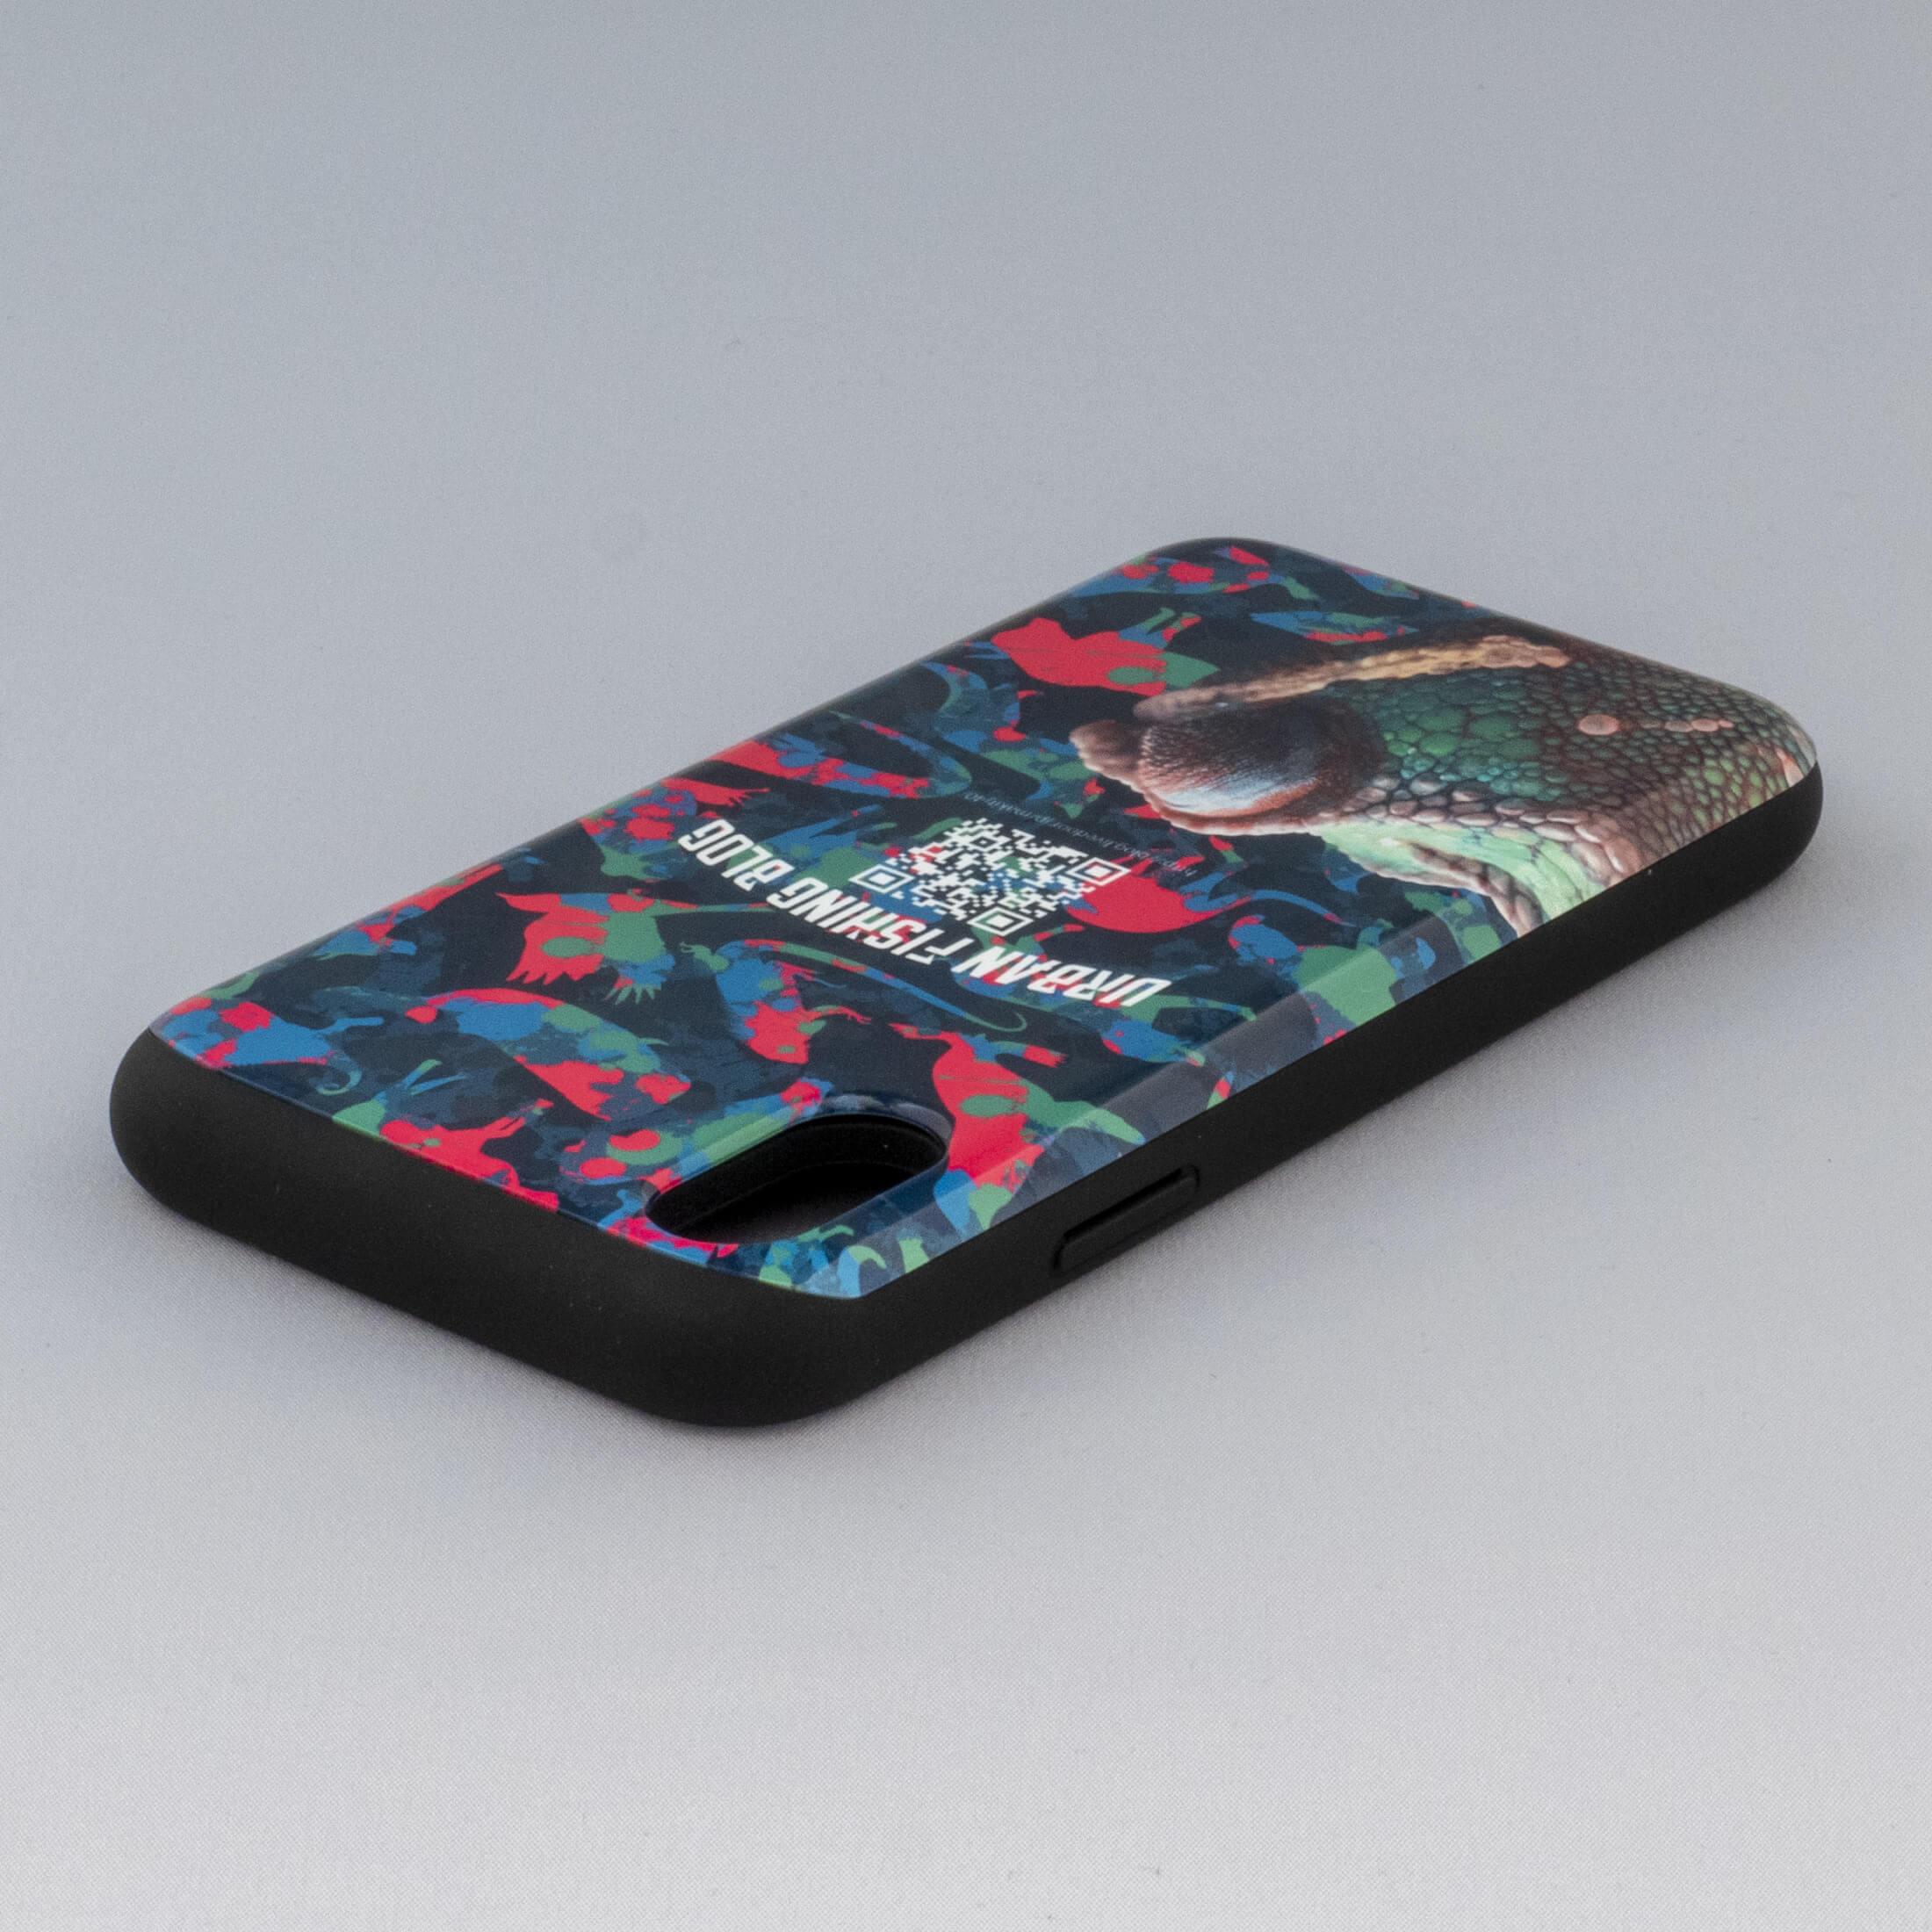 カメレオンのiPhoneケース画像4